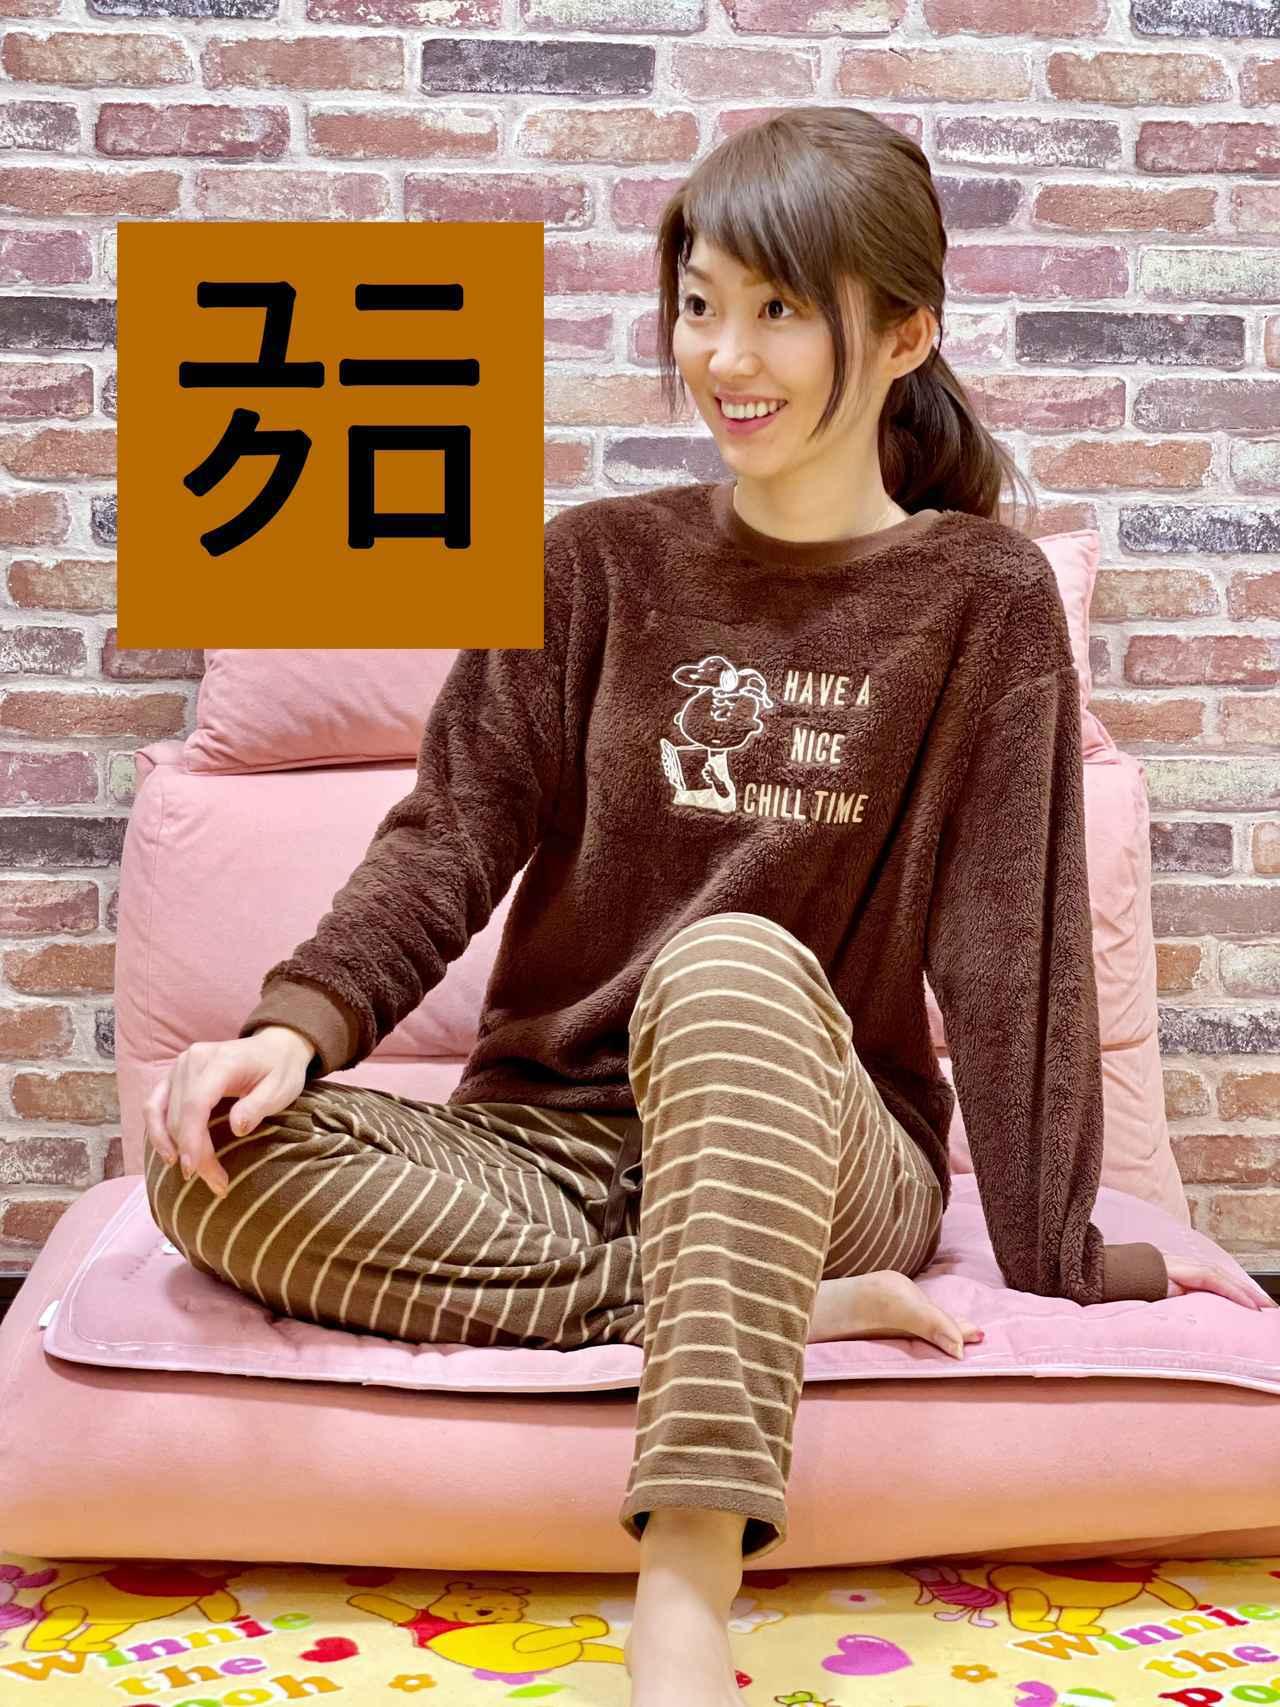 画像: 【ユニクロ】完売必至!急げ!スヌーピーパジャマも半額以下に♡ - 【ftn】fashion trend news ファッショントレンドニュースマガジン すべての人におしゃれする楽しさを